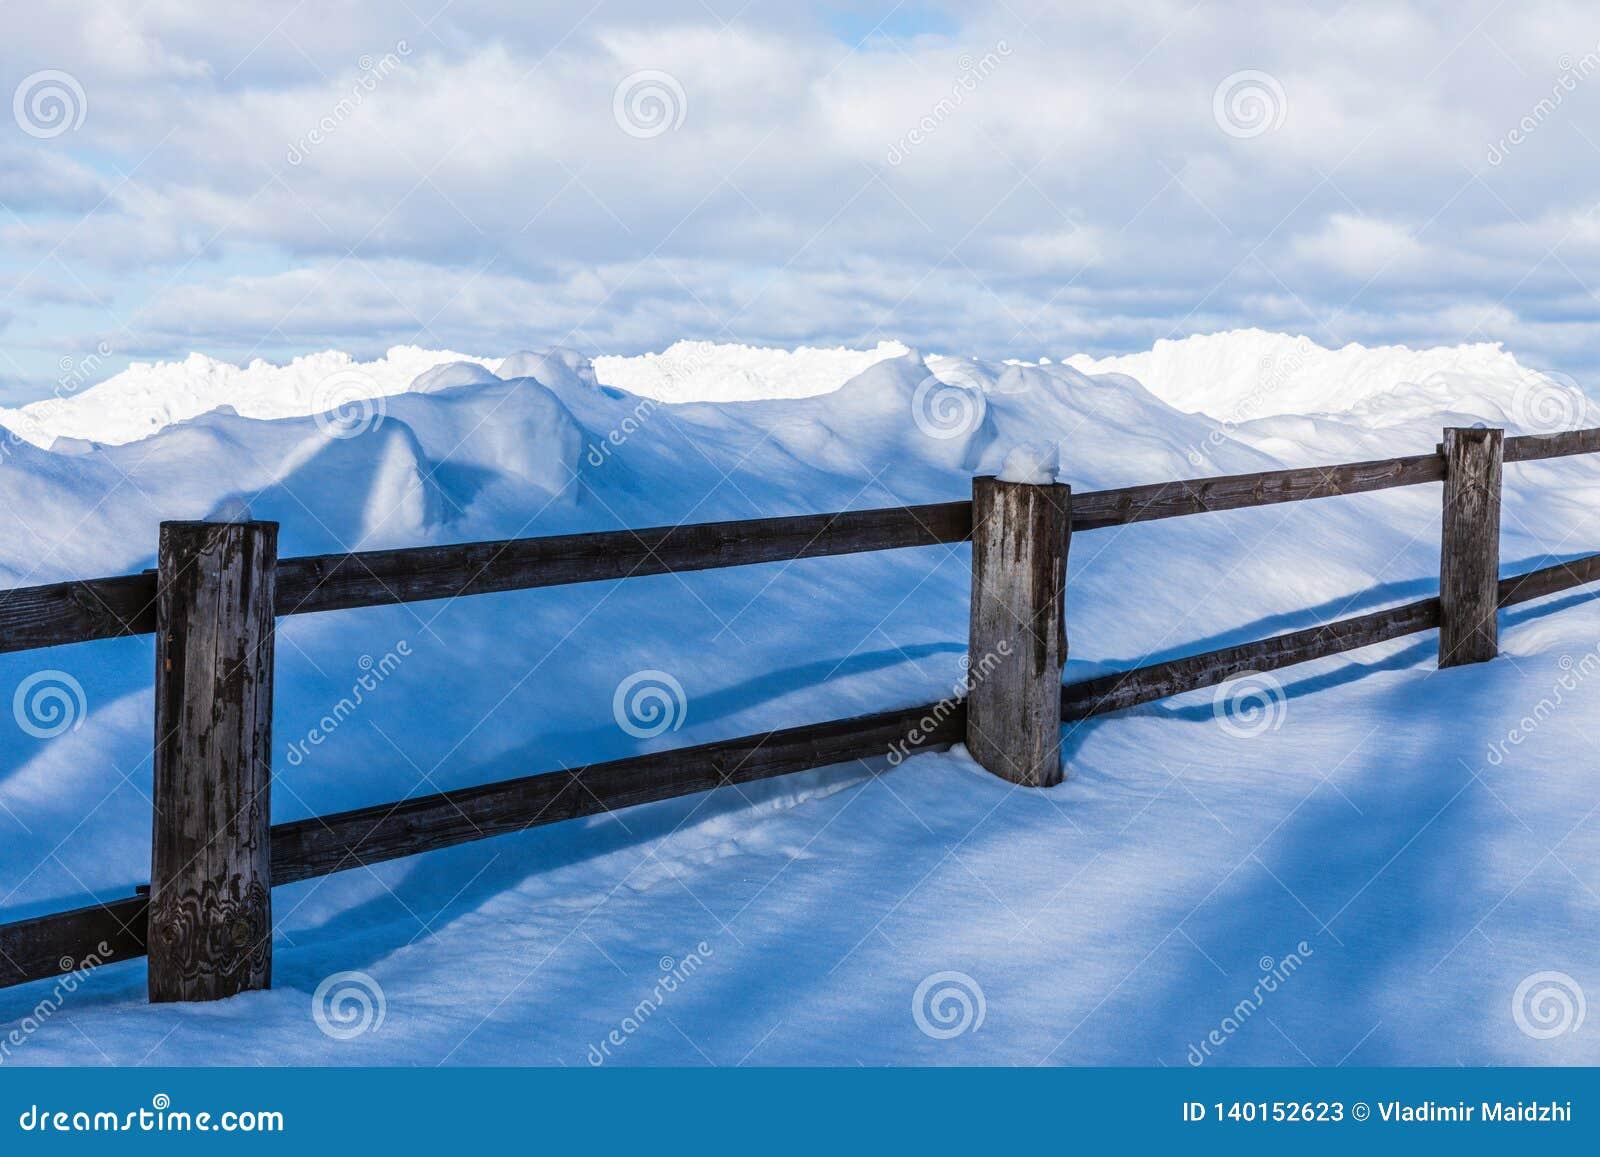 Der Zaun oder die Hecke und die Haufen des Schnees in der Landschaft oder im Dorf am kalten Wintertag